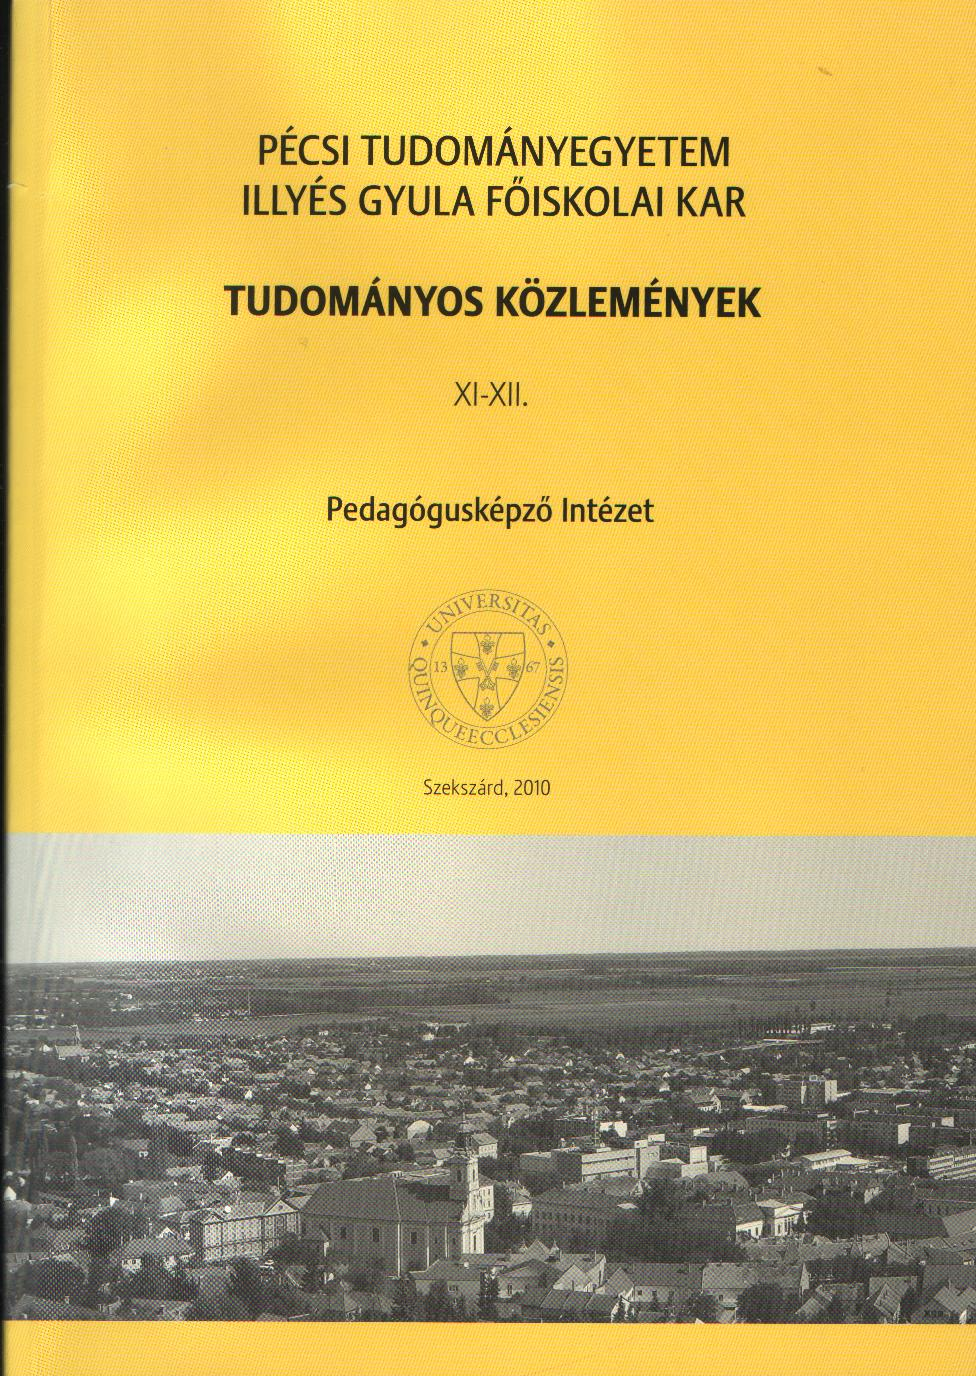 Pécsi Tudományegyetem Illyés Gyula Főiskolai Kar Tudományos Közlemények XI-XII. Pedagógusképző Intézet